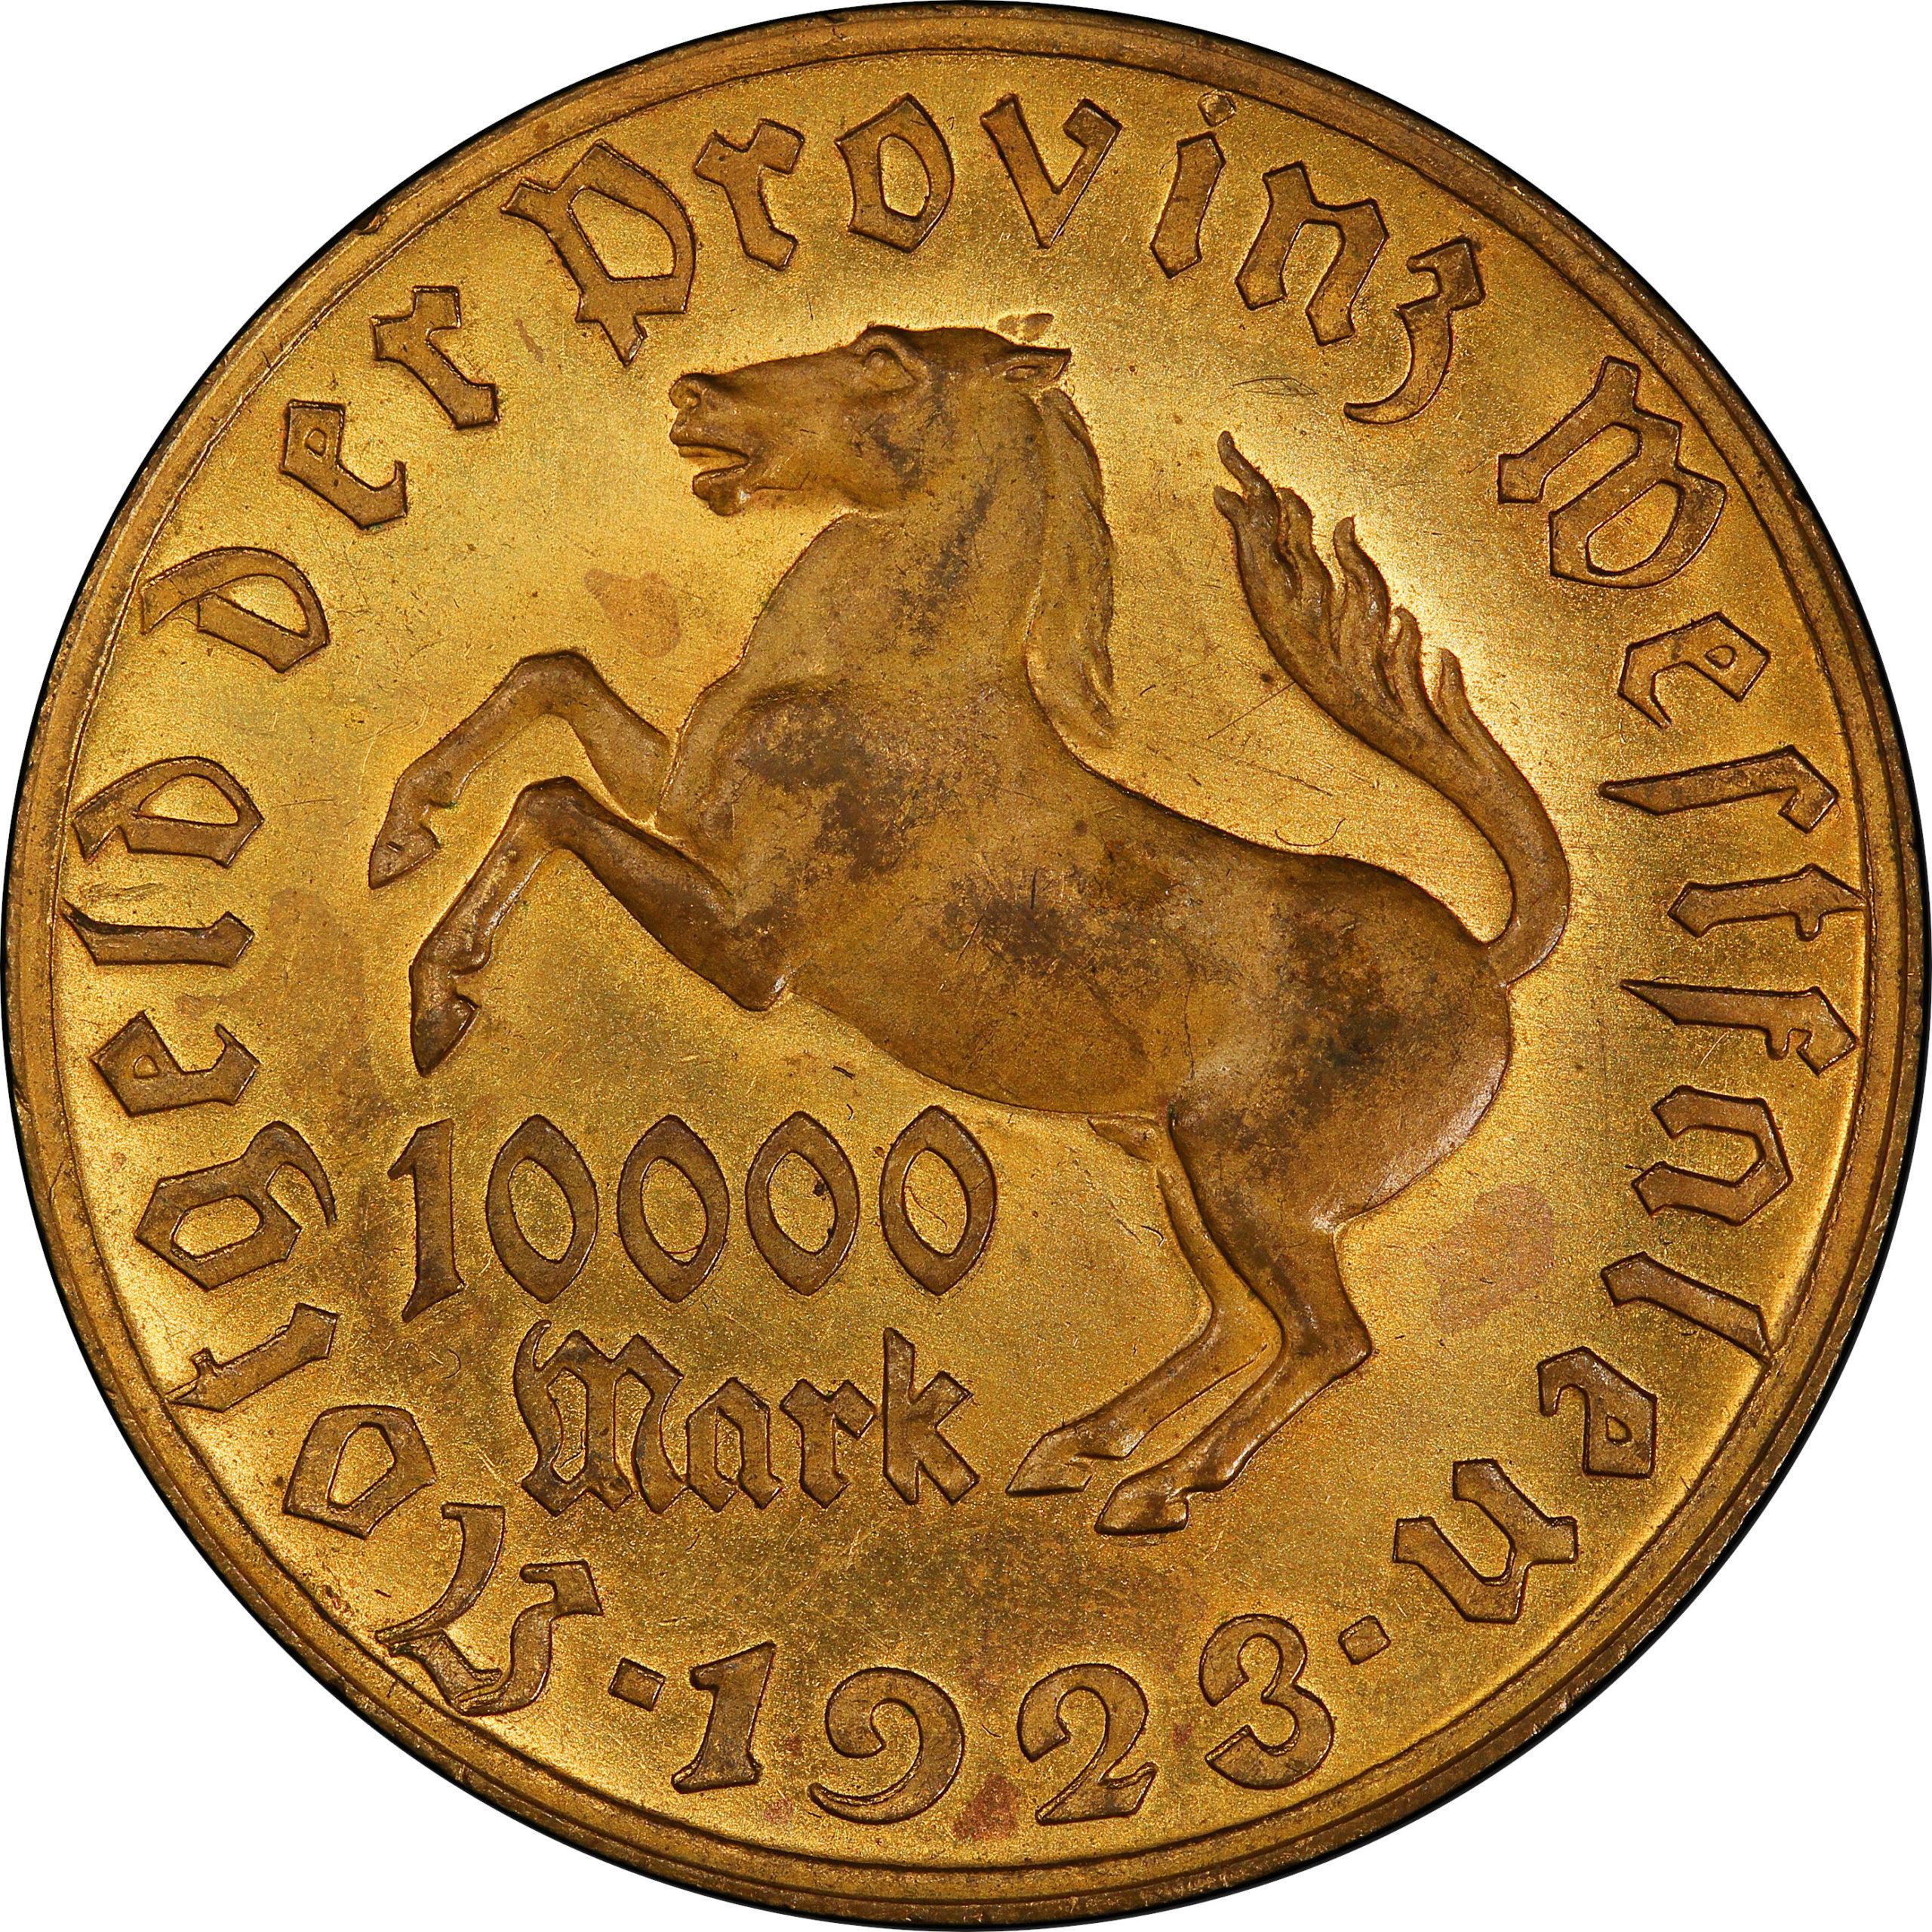 Notgeld (Emergency Money) Metal Tokens on GermanCoins.com